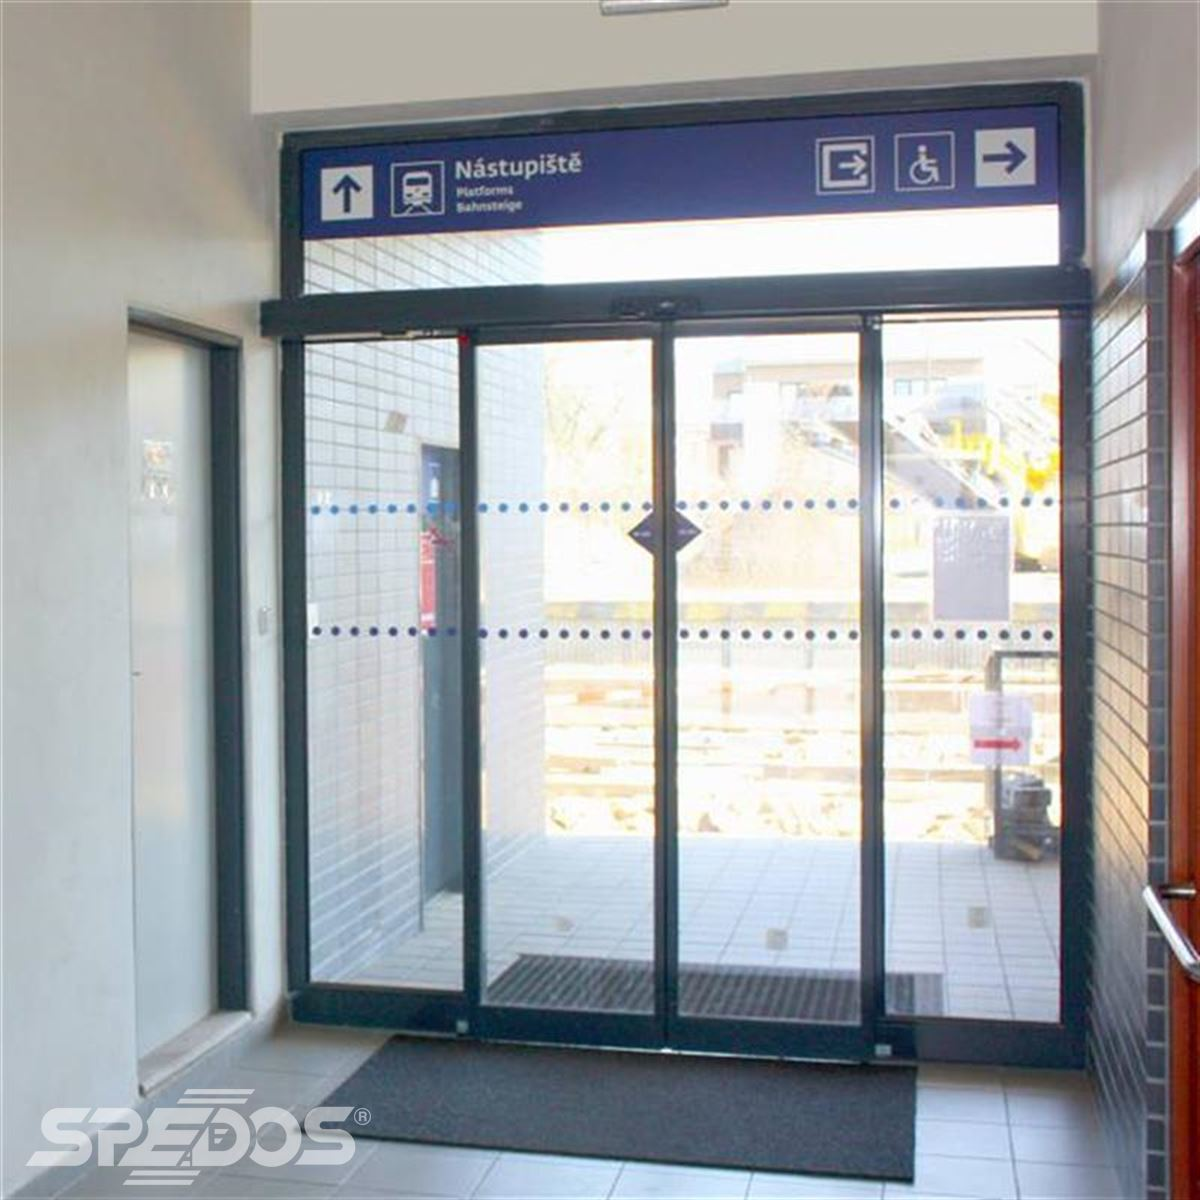 nádražní automatické dveře Spedos